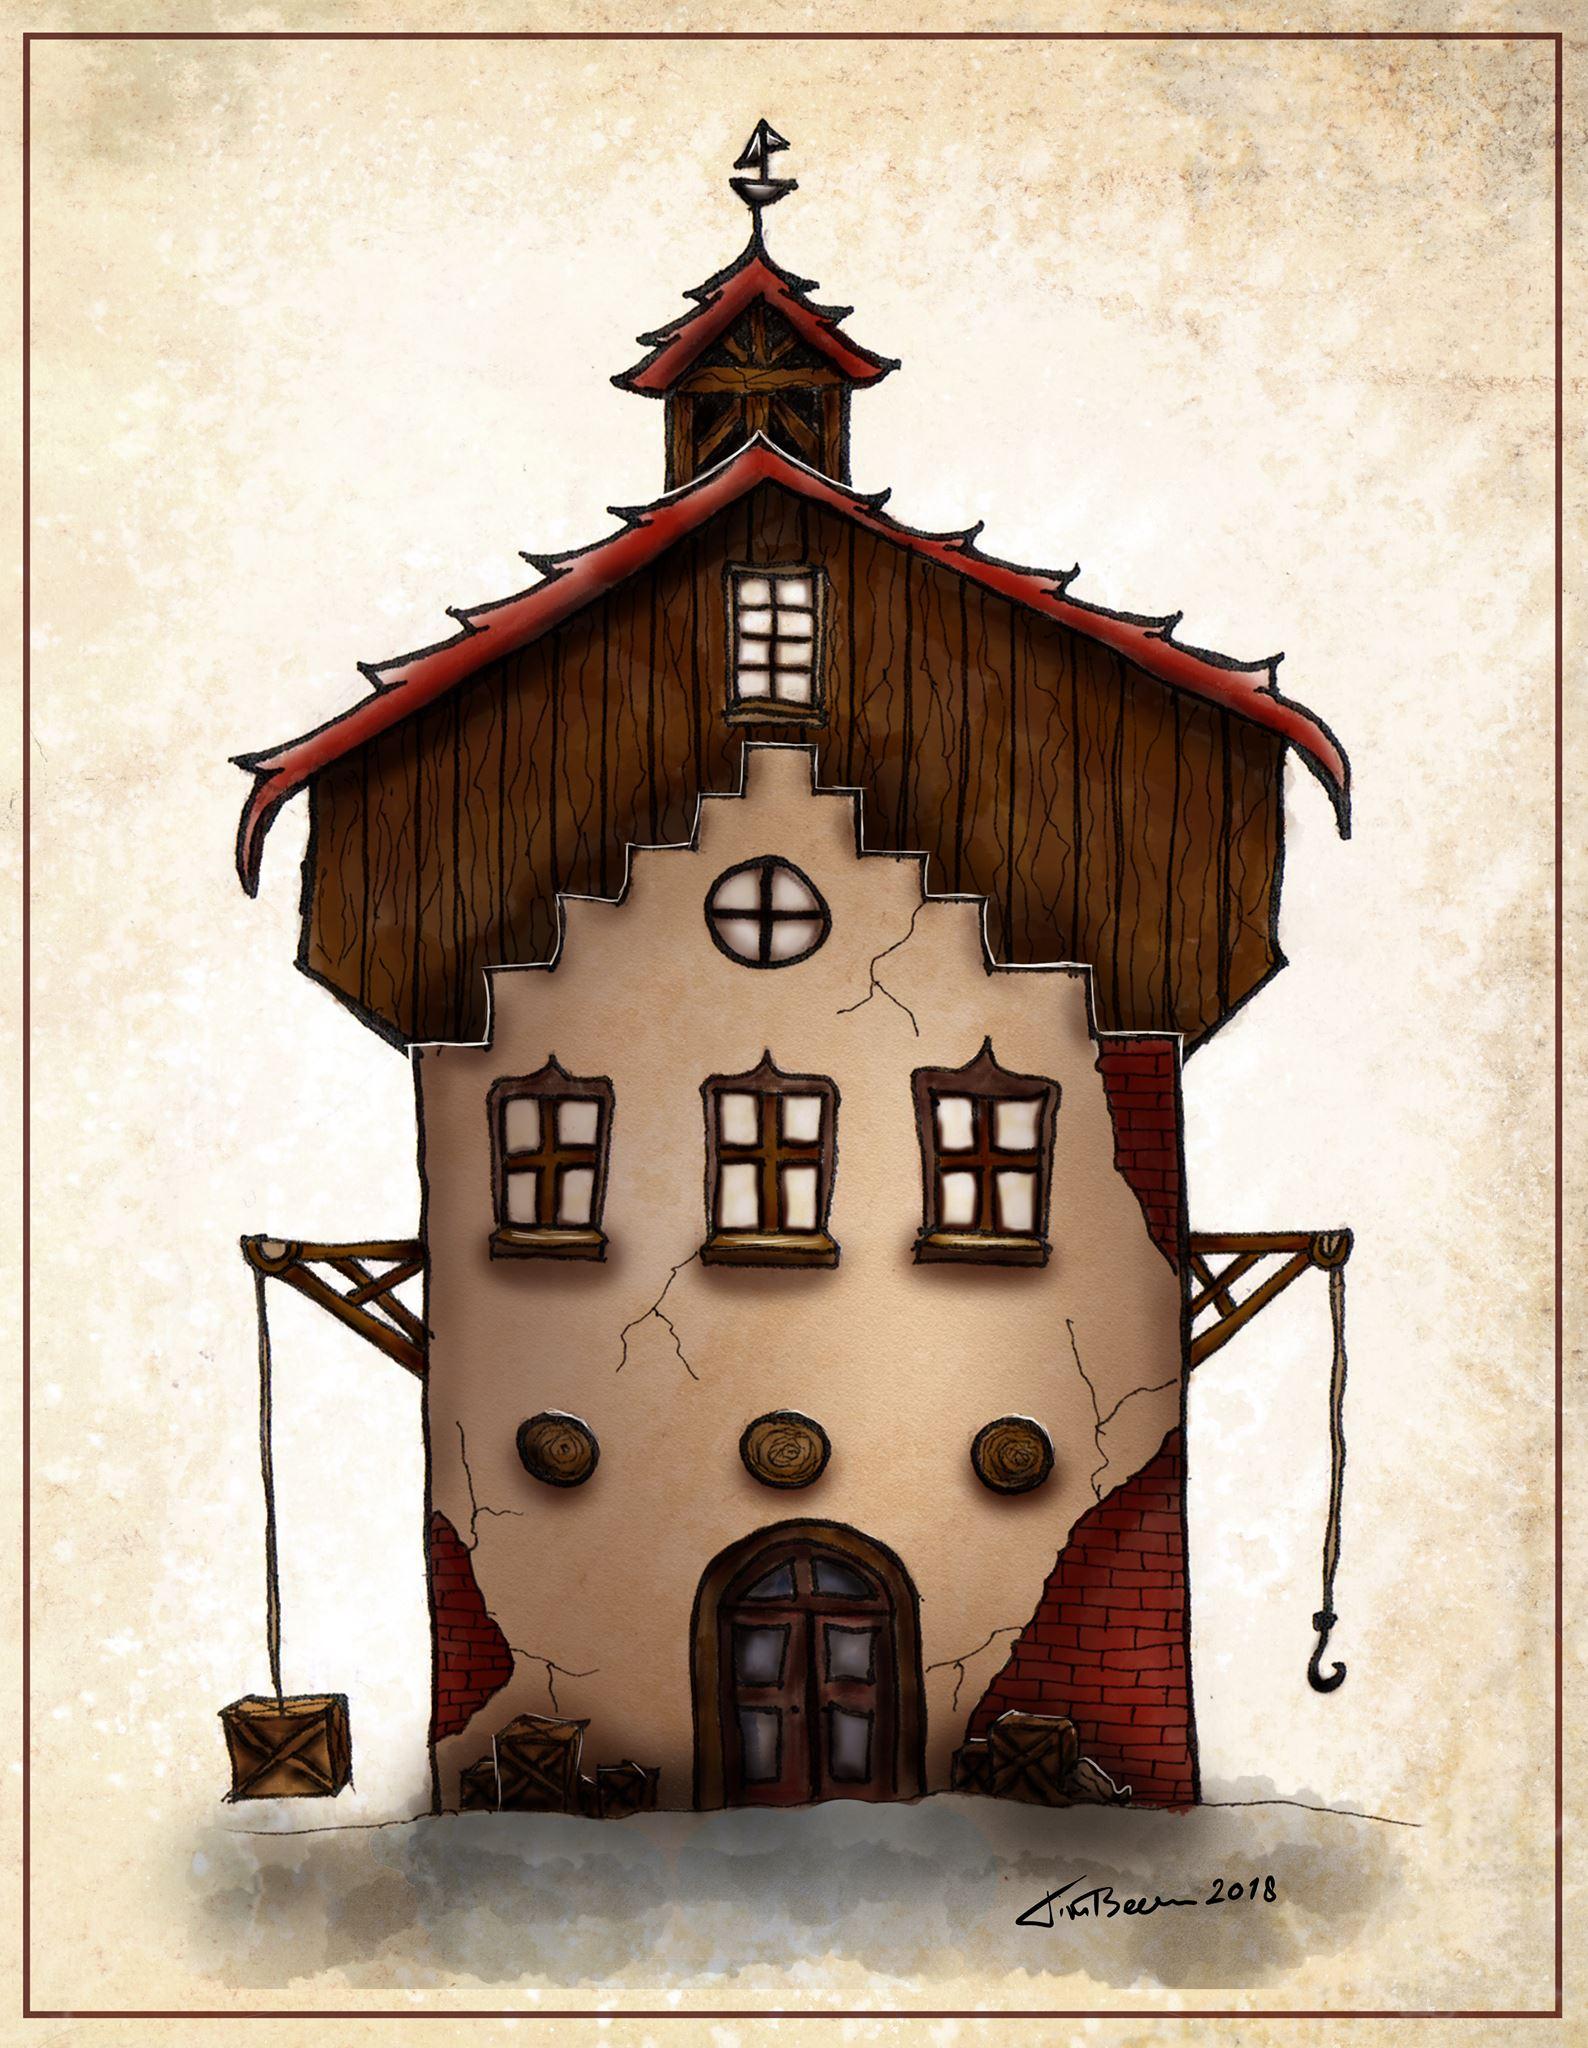 Huisje 2